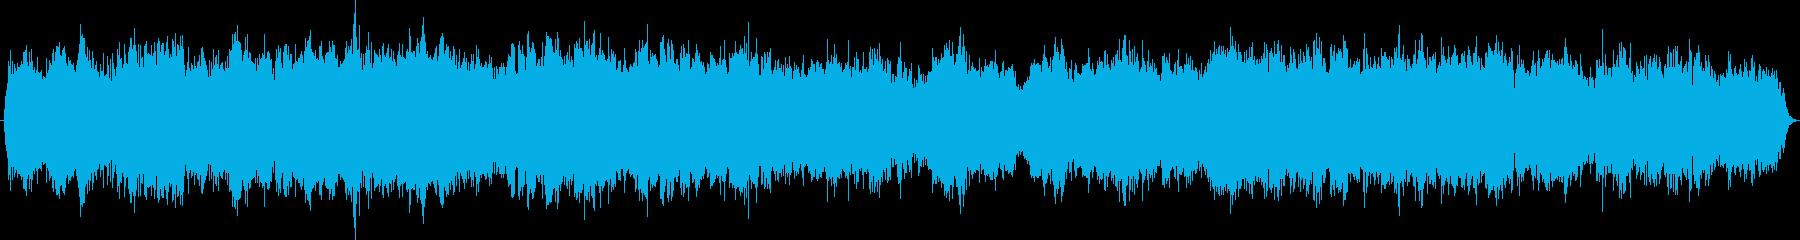 弦楽器によるレクイエム鎮魂歌の再生済みの波形